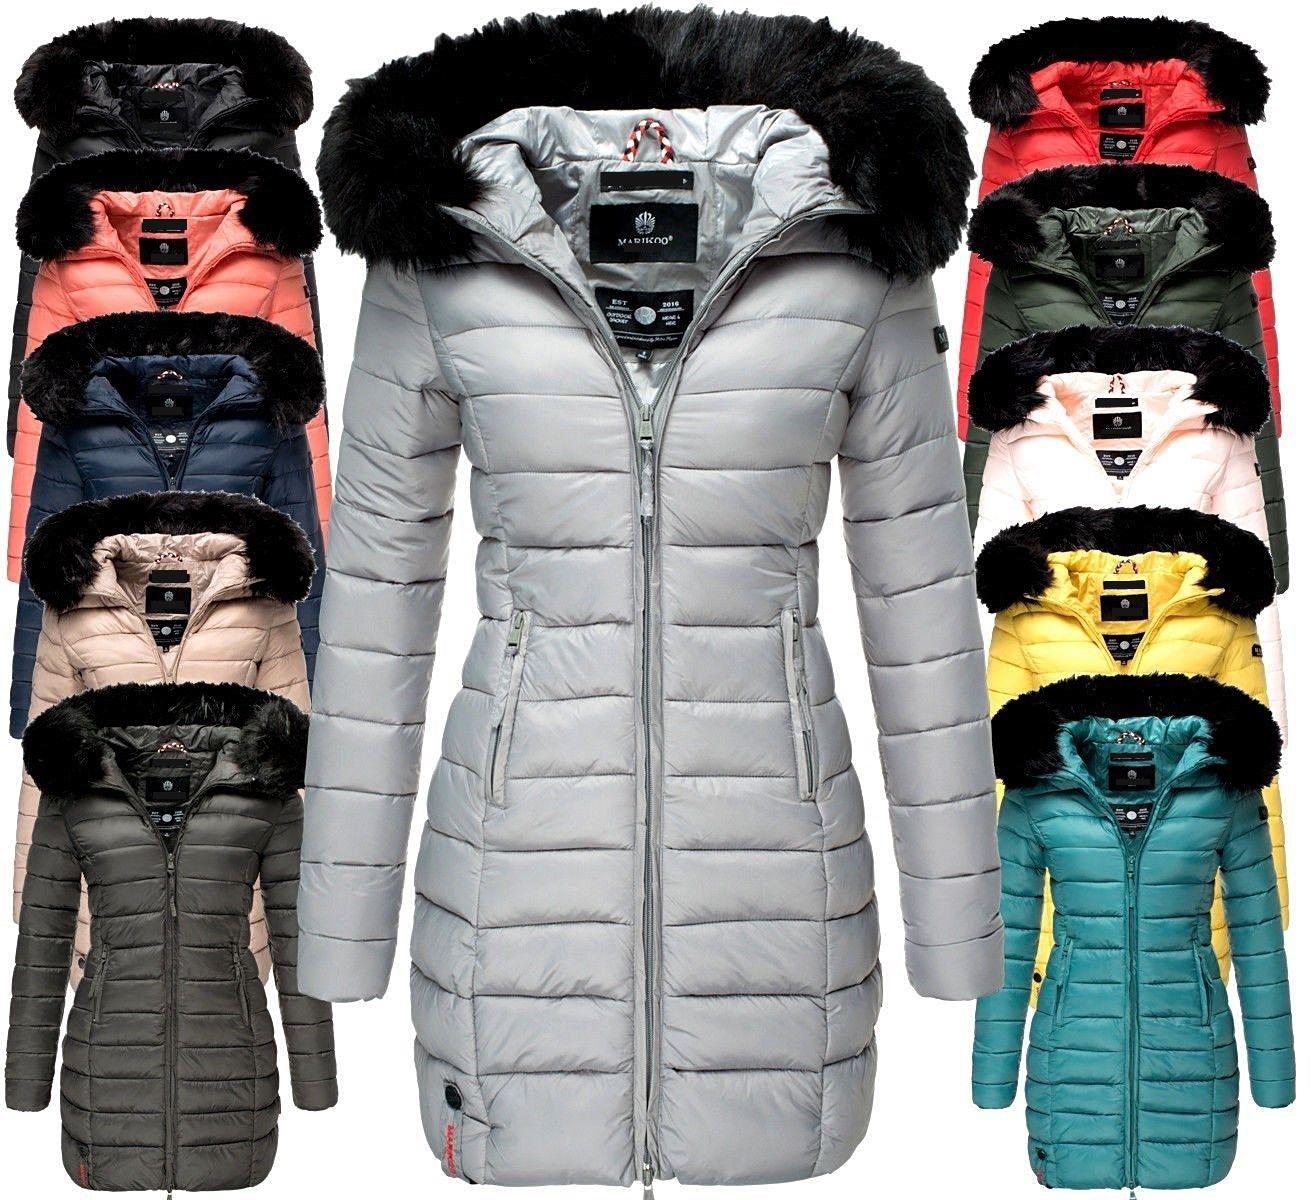 Kleding en accessoires Marikoo Damen Winter Jacke Stepp